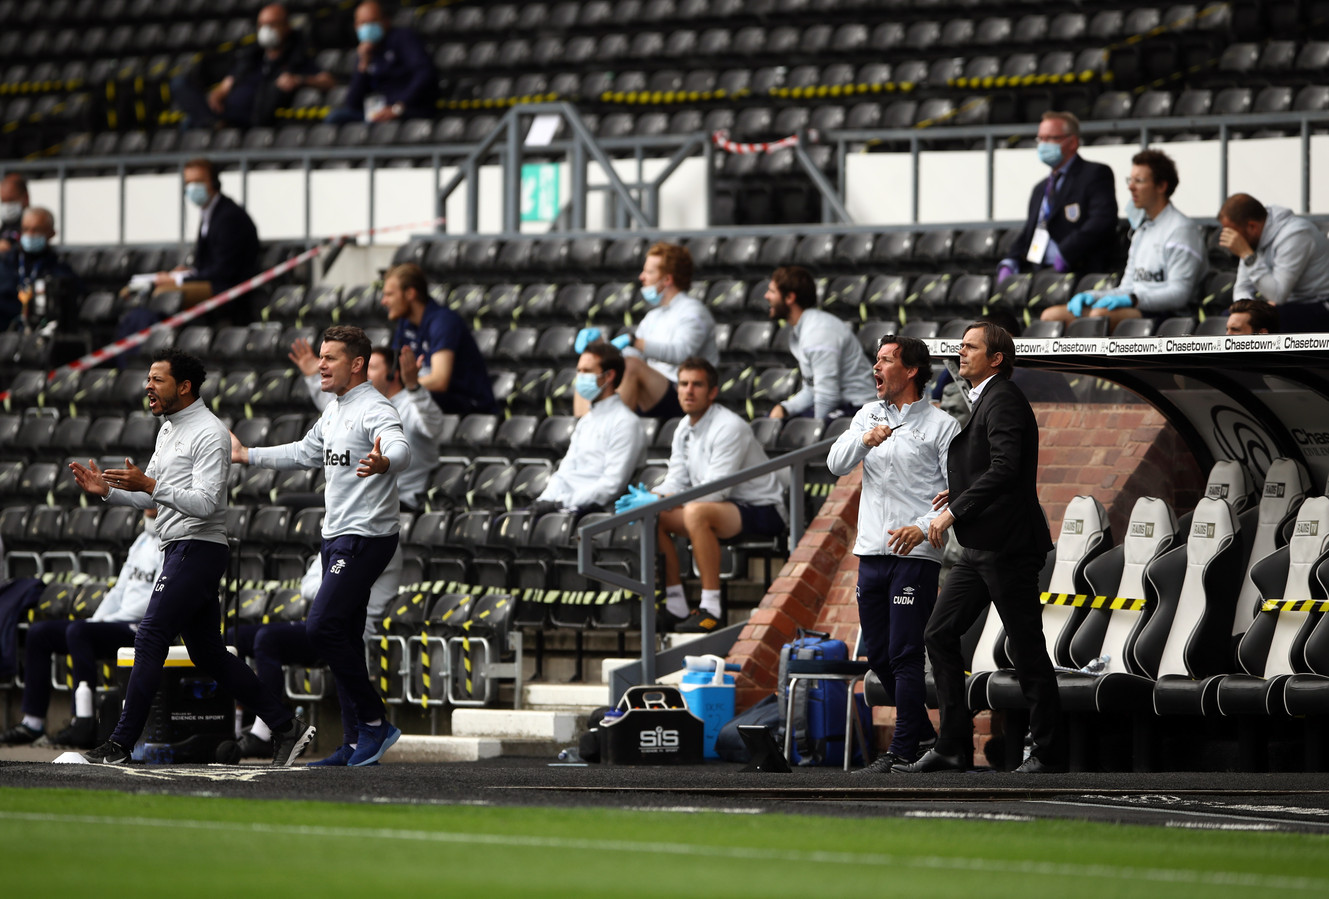 Cocu en zijn staf druk coachend in het lege Pride Park Stadium van Derby County.